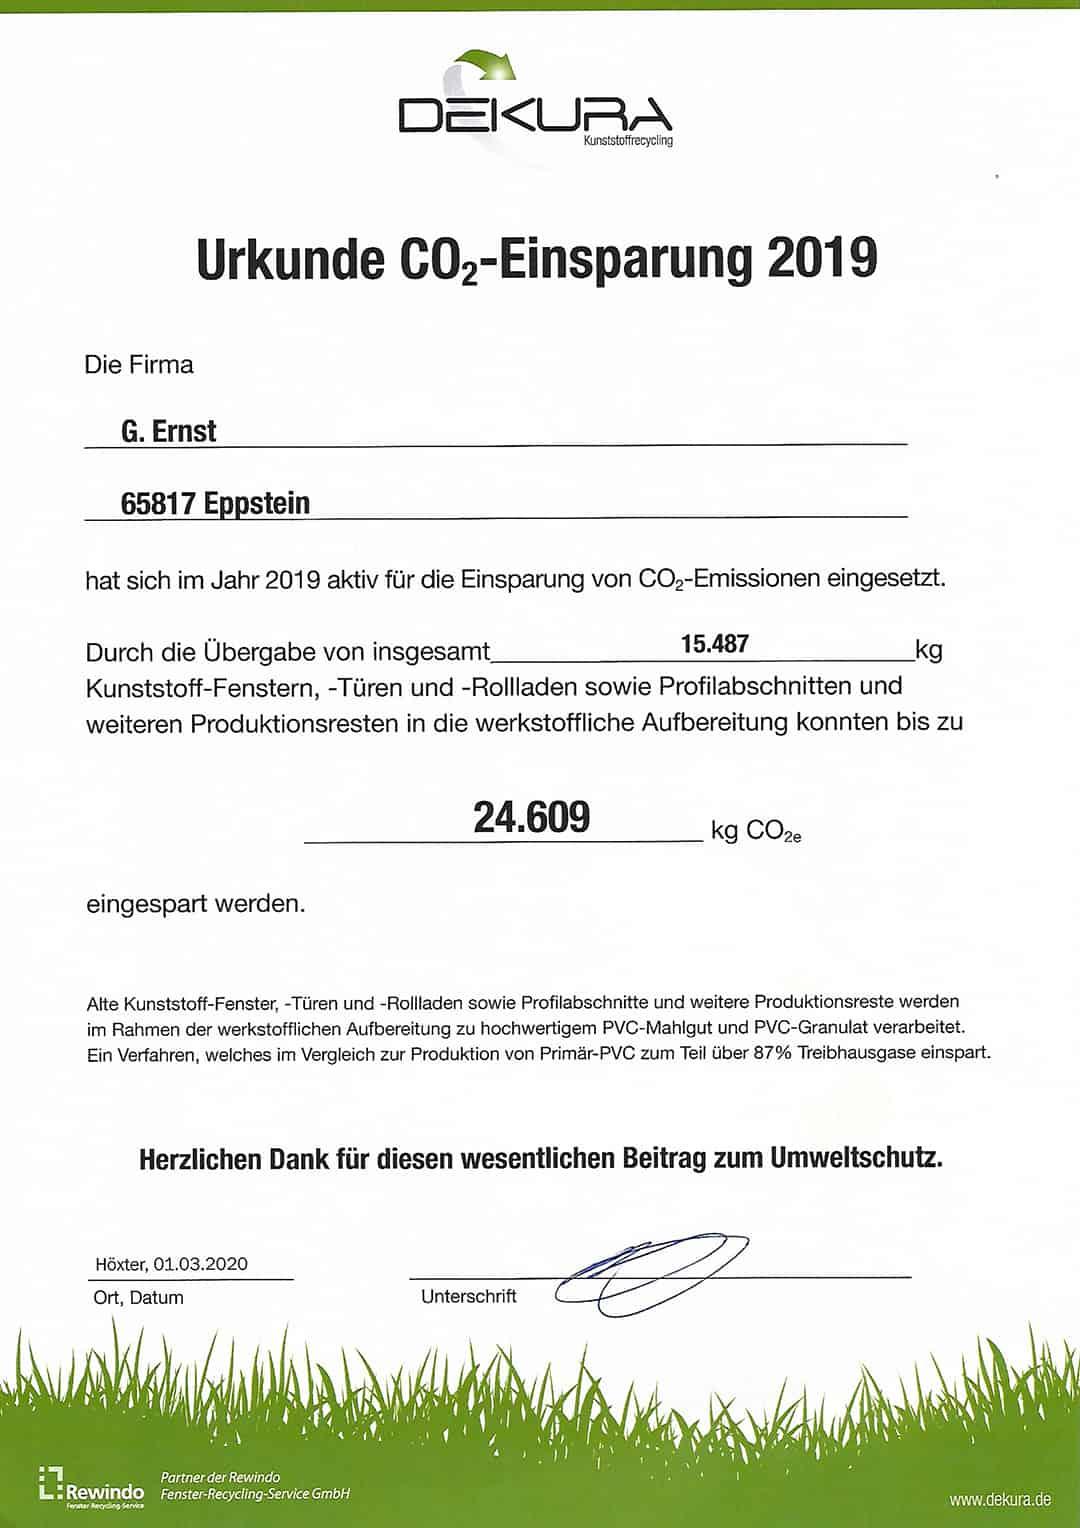 Urkunde zur CO2-Einsparung 2019, G. Ernst Fensterbau